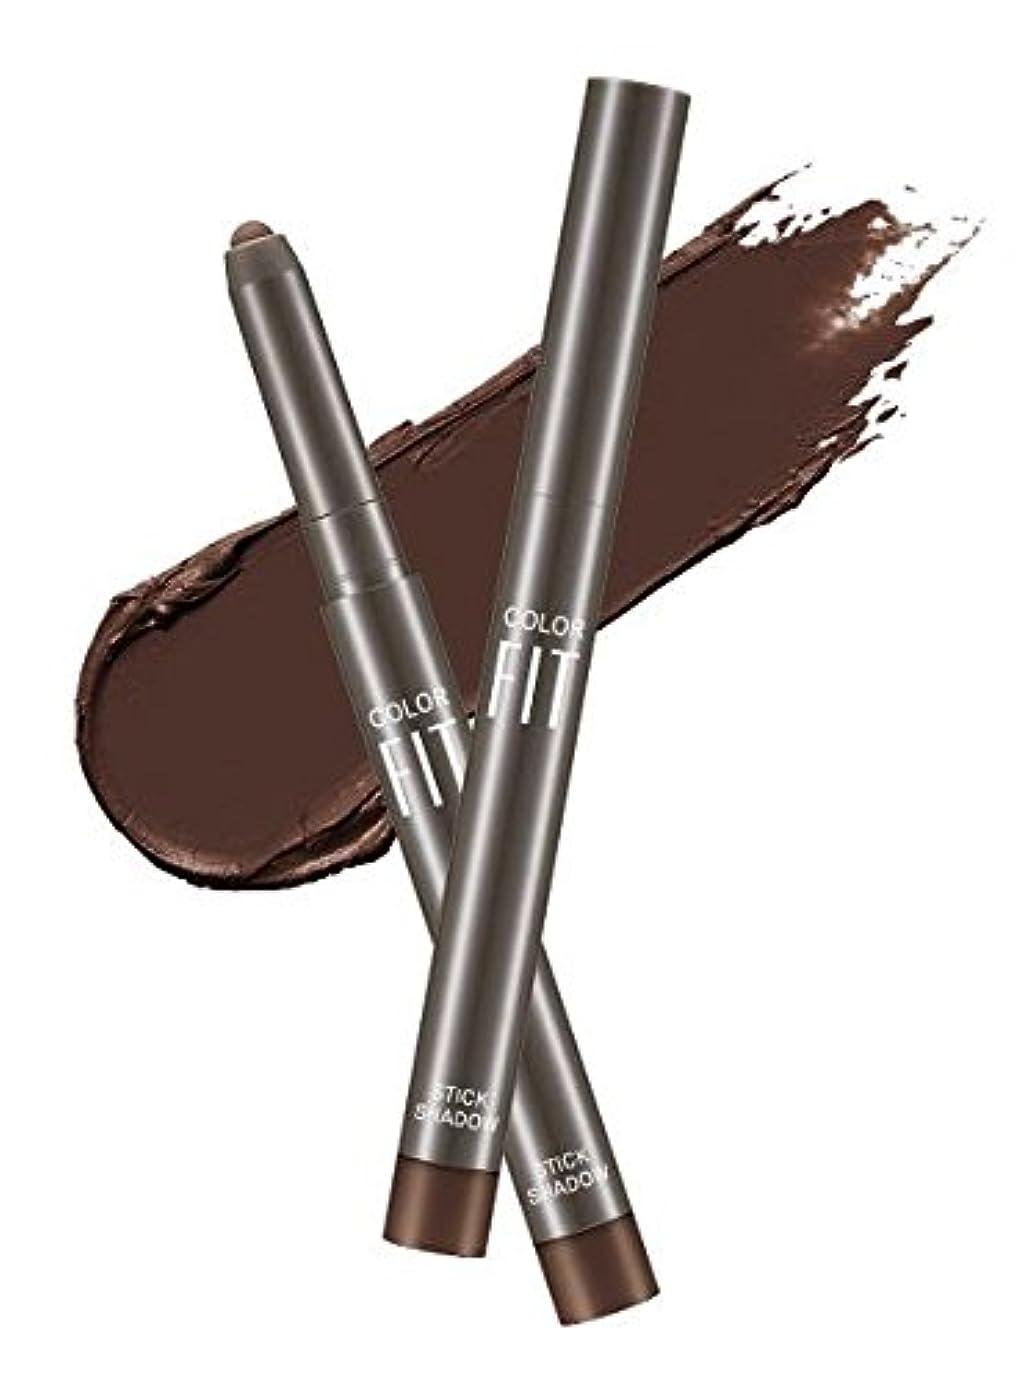 スクラップ優先注入する#Cacao Pound ミシャ カラーピットスティックシャドウ MISSHA Color Fit Stick Shadow [並行輸入品]